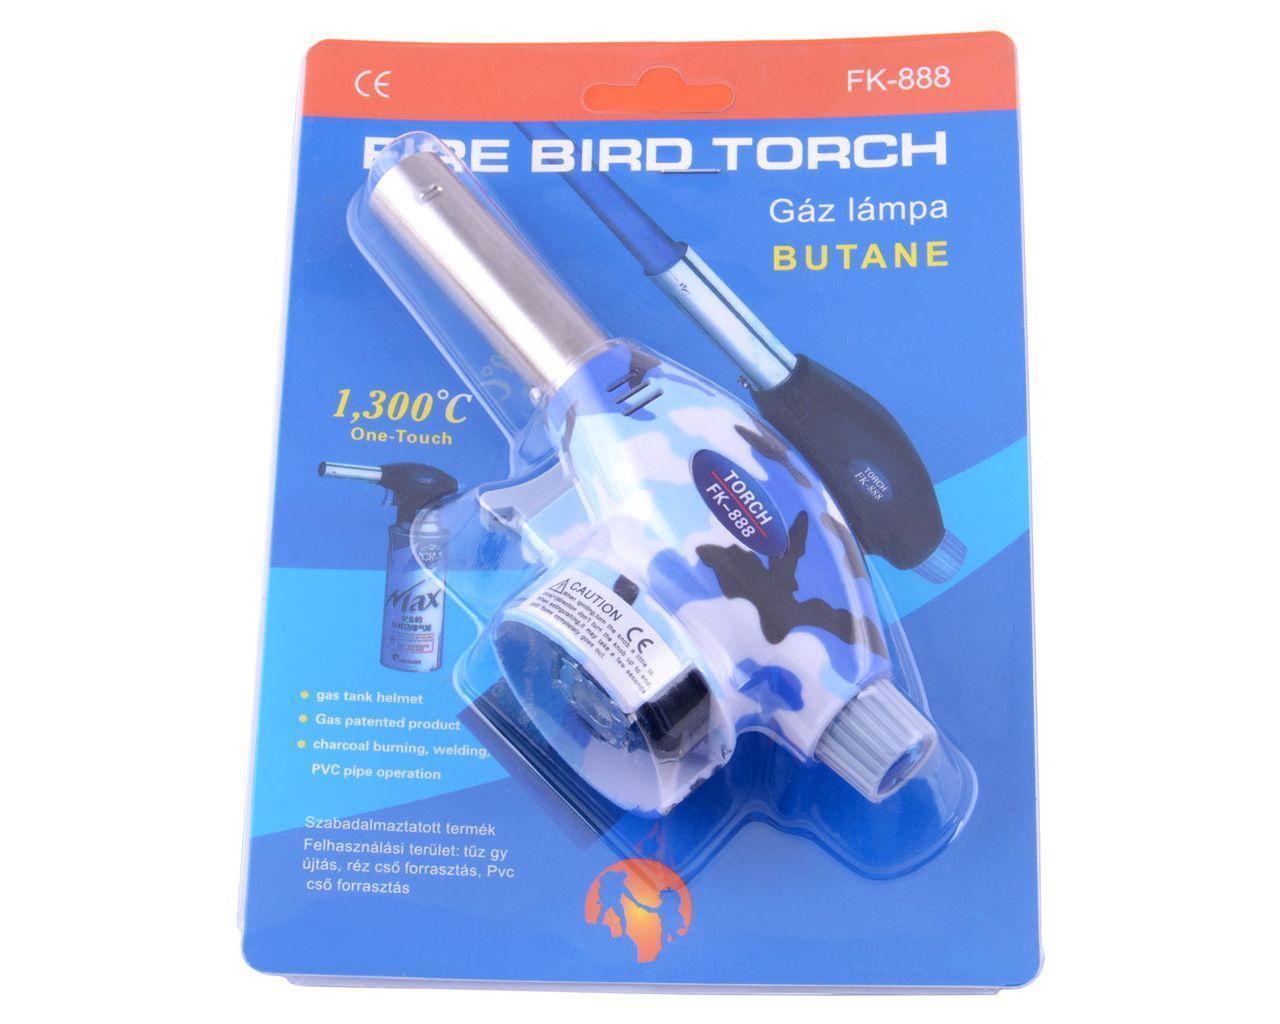 Портативная газовая горелка Fire Bird Torch Хаки FK-888